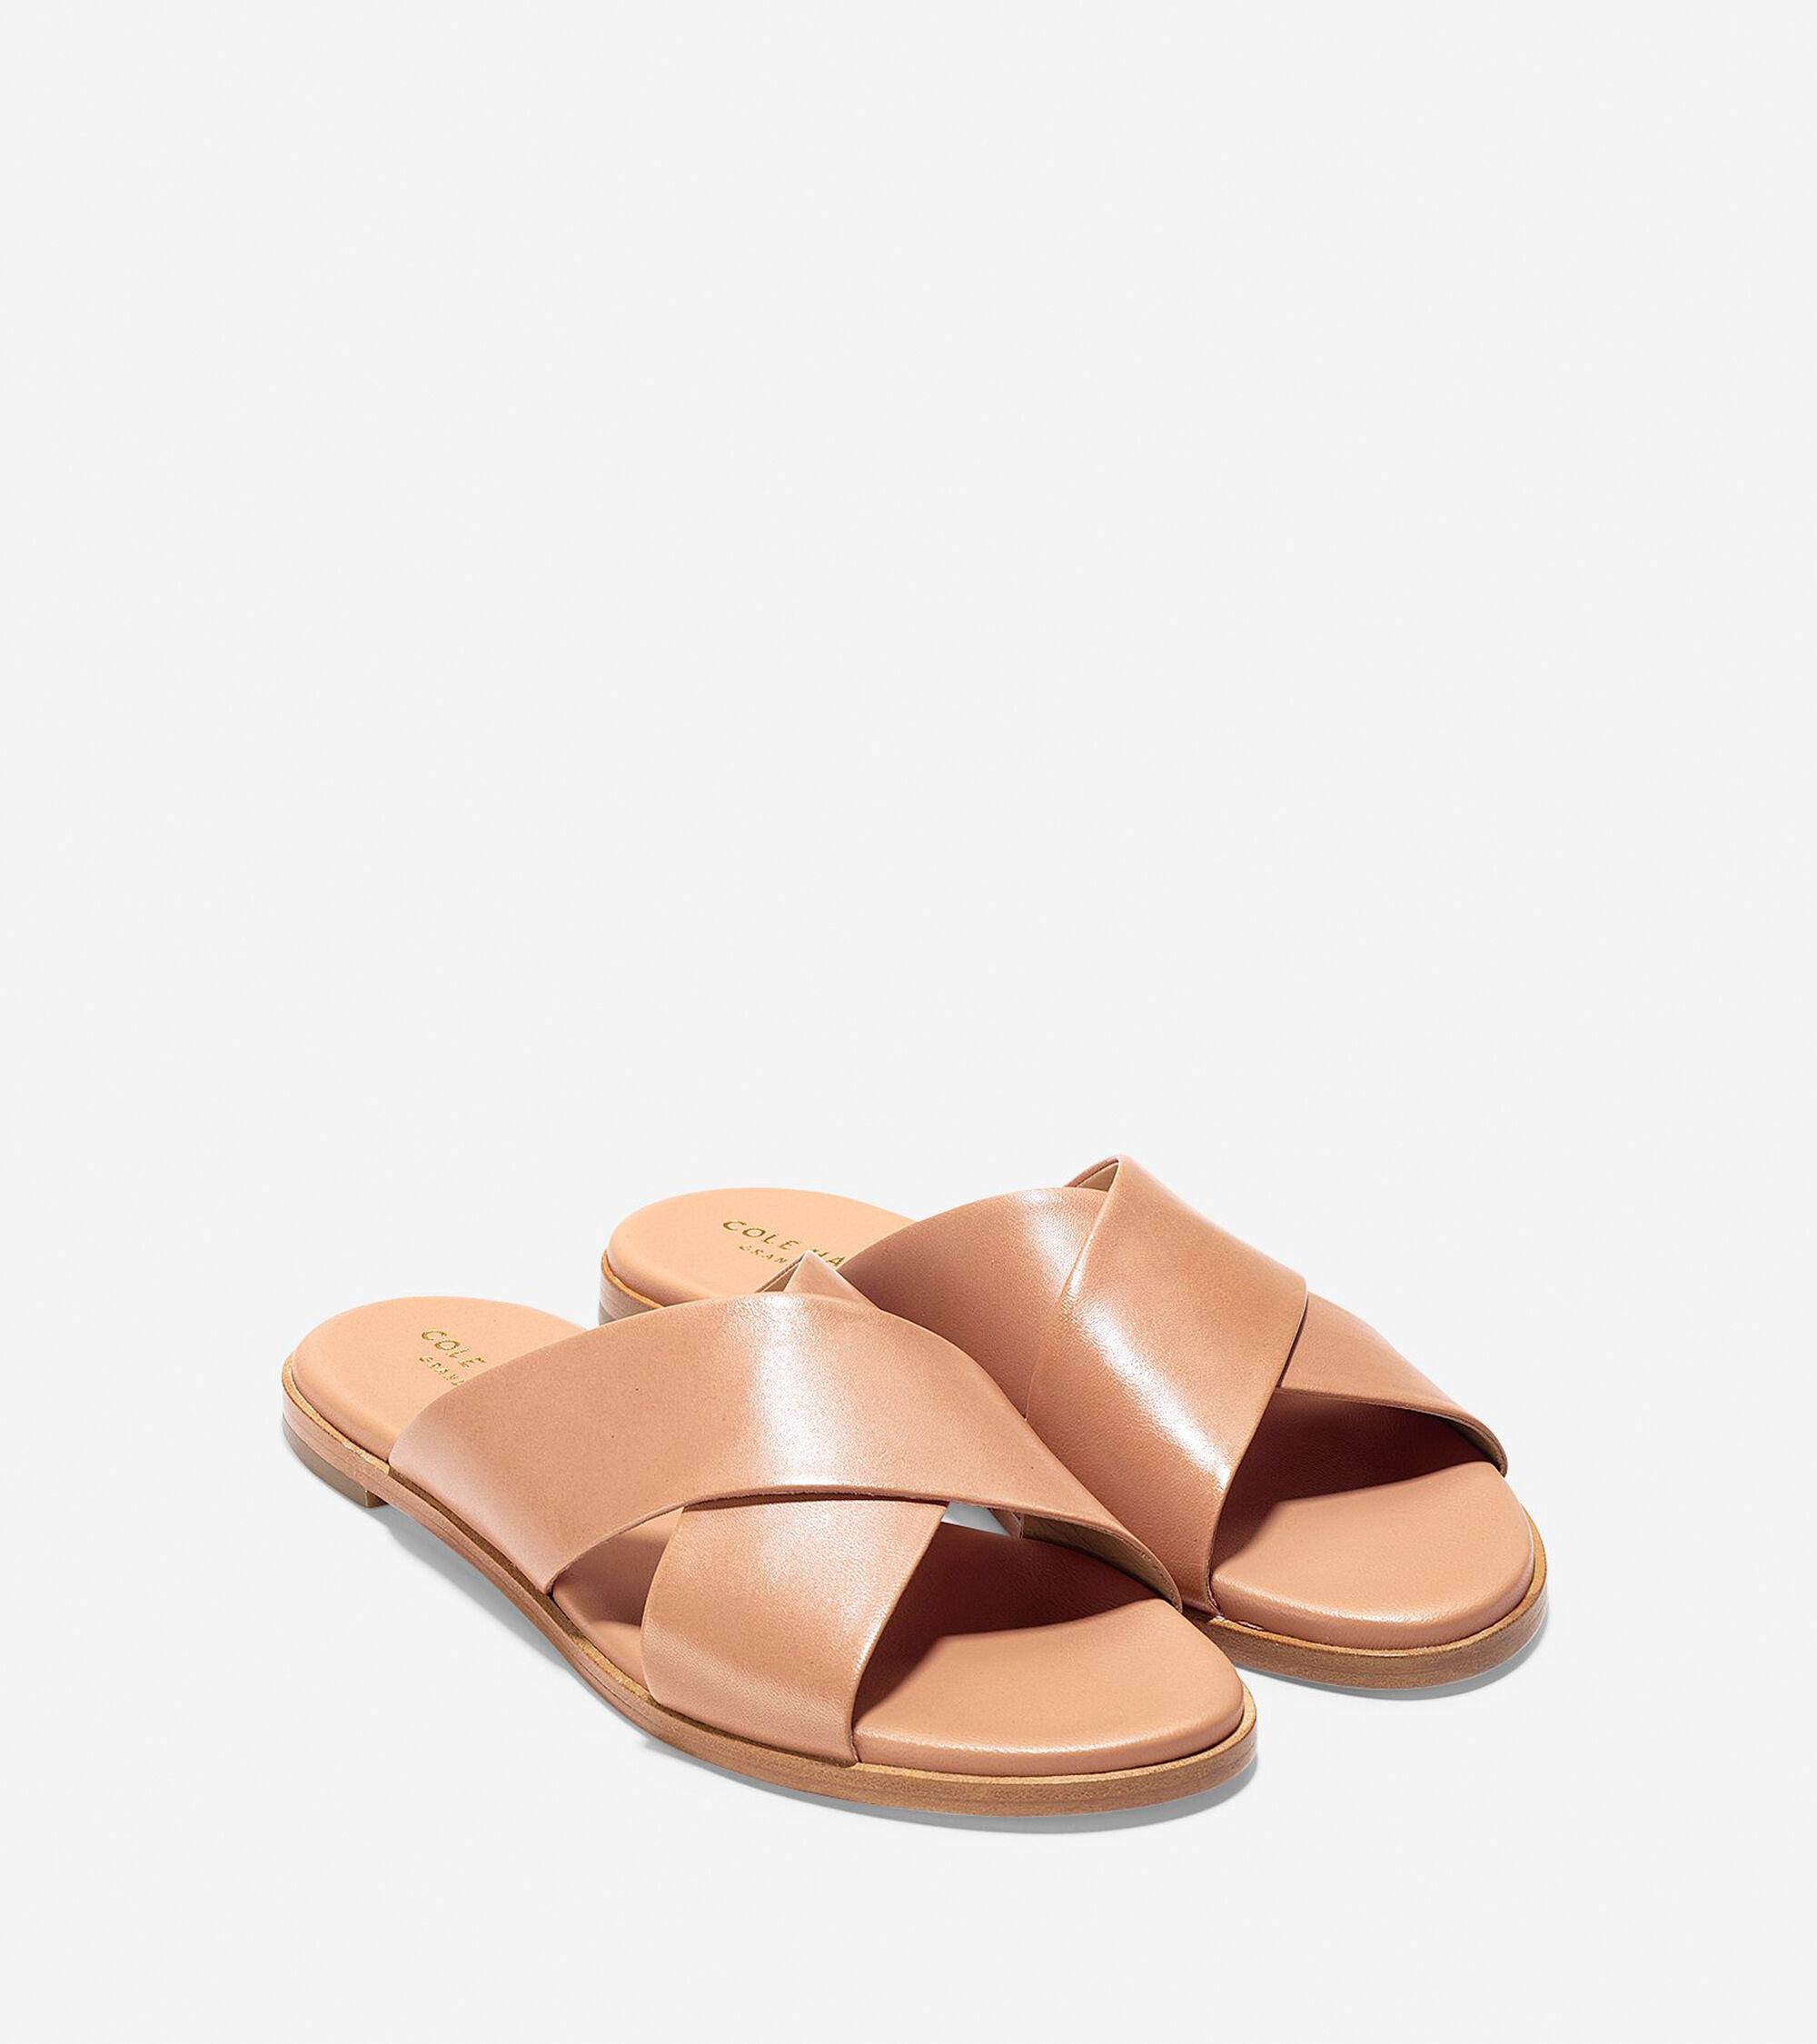 e5f6a9dd665 ... Anica Criss Cross Sandal · Anica Criss Cross Sandal.  COLEHAAN